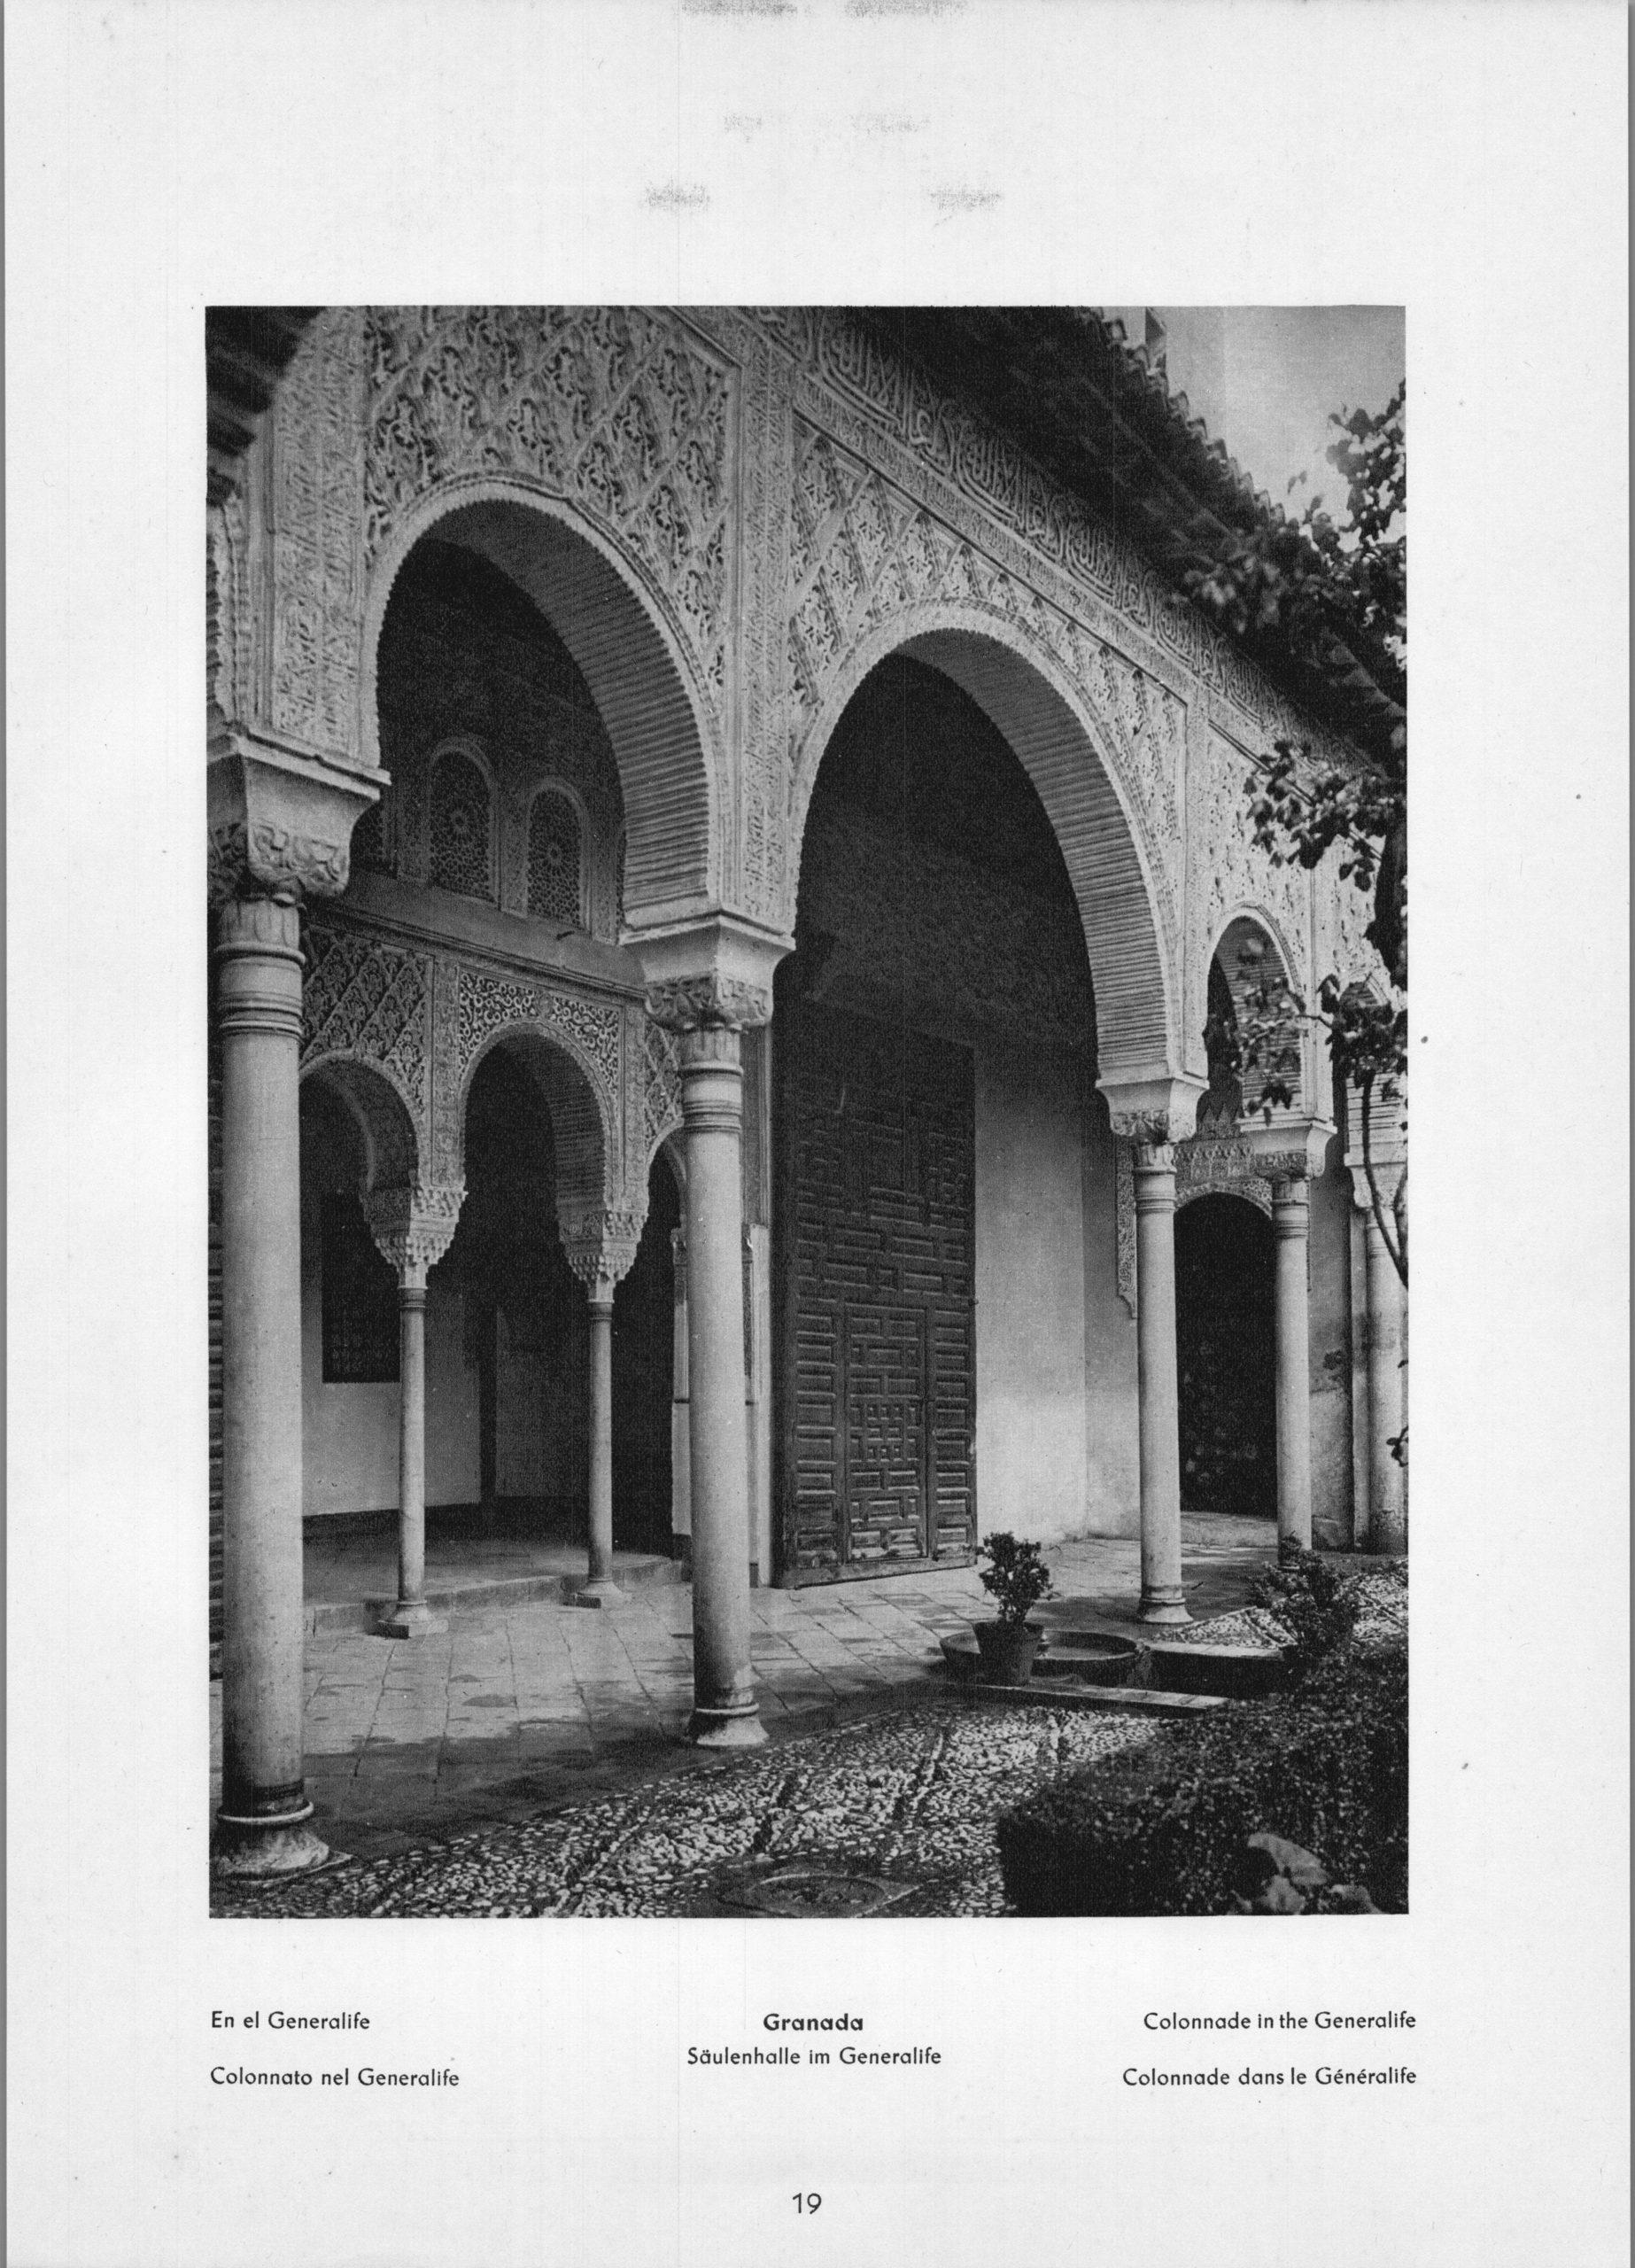 Granada Generalife - Colonnade in the Generalife